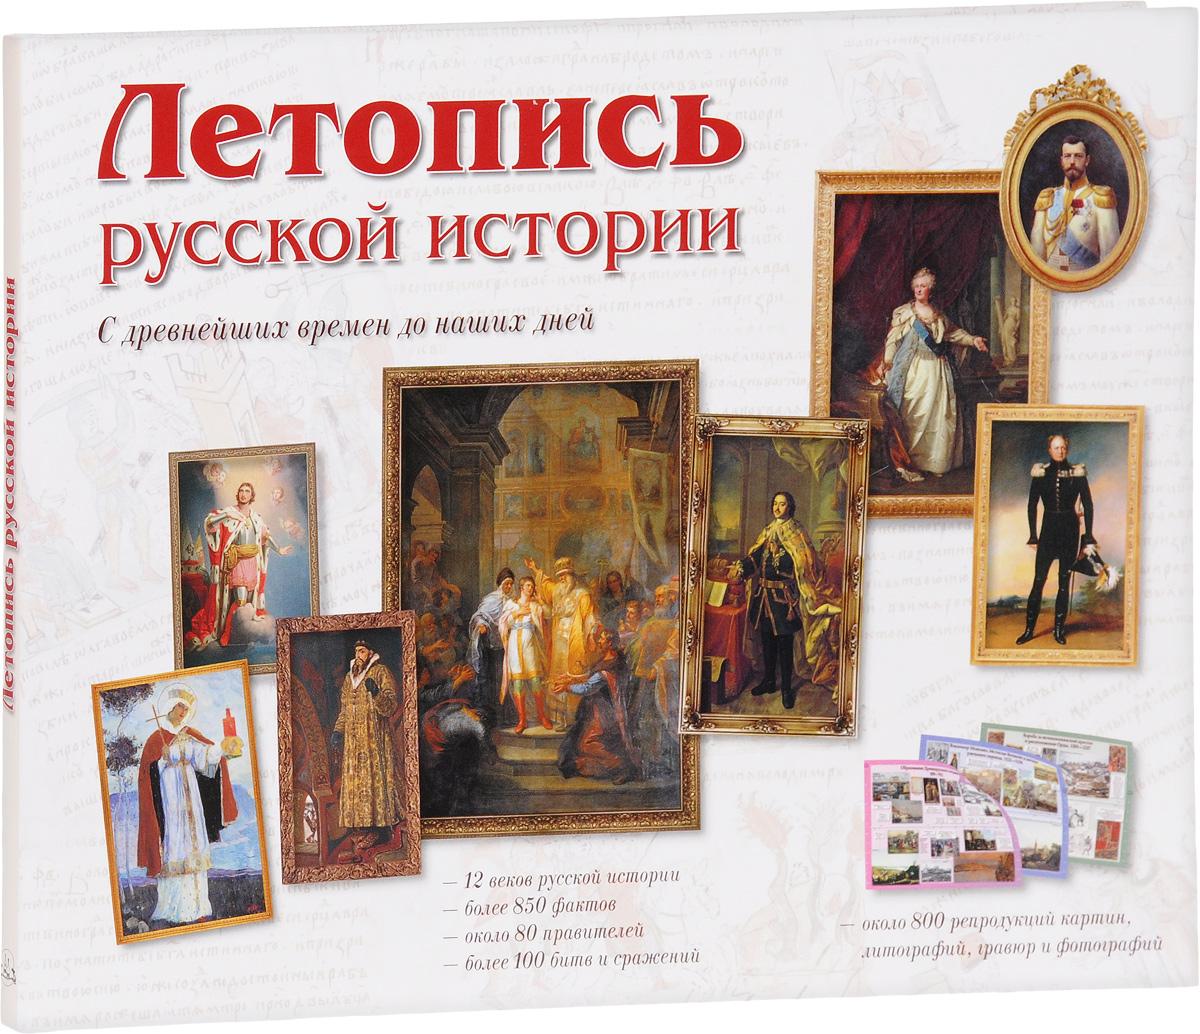 Летопись русской истории. С древнейших времен и до наших дней